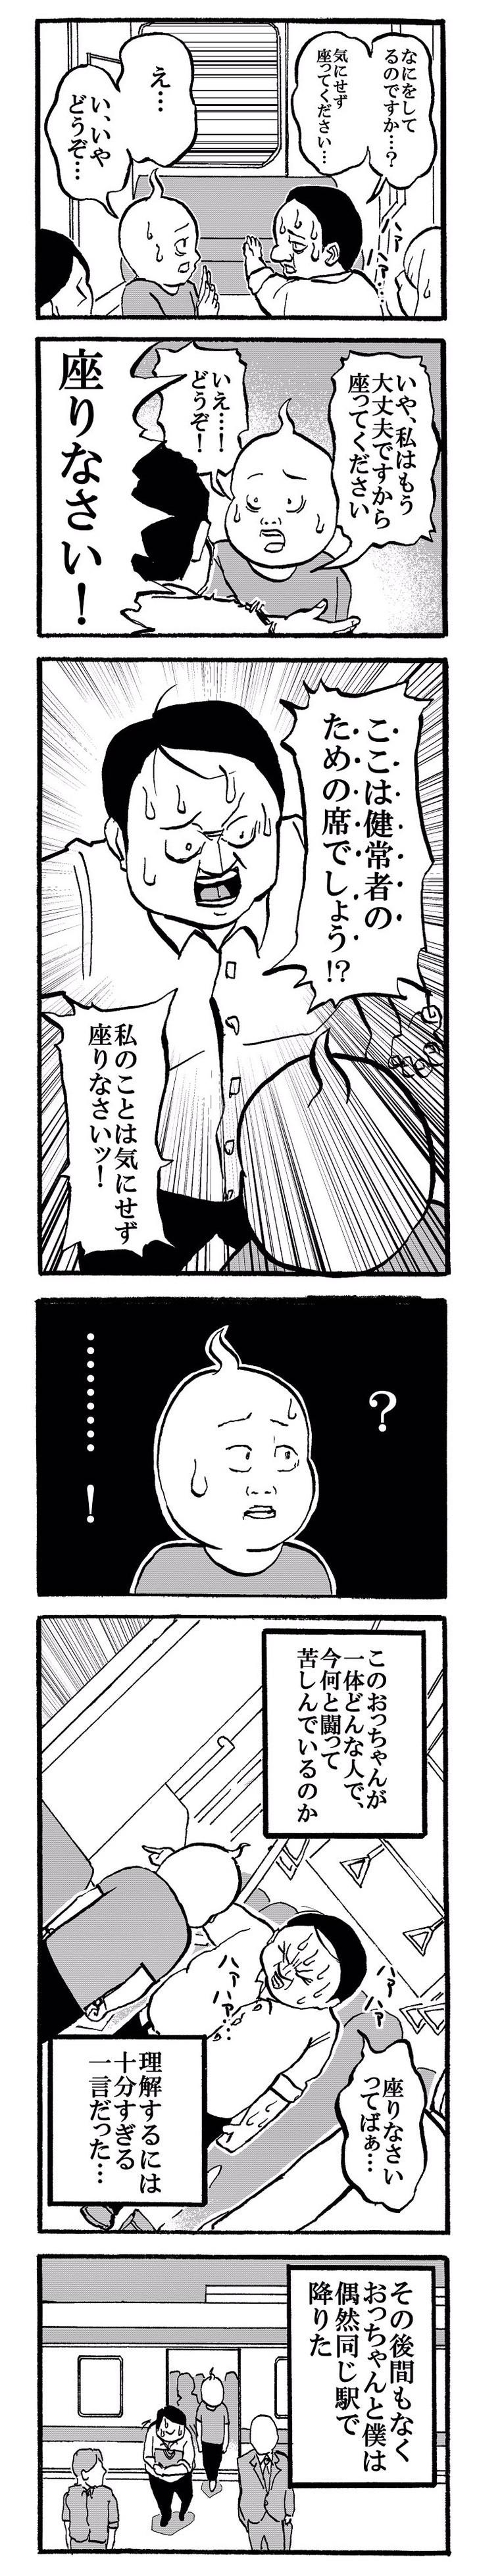 漫画2016071103